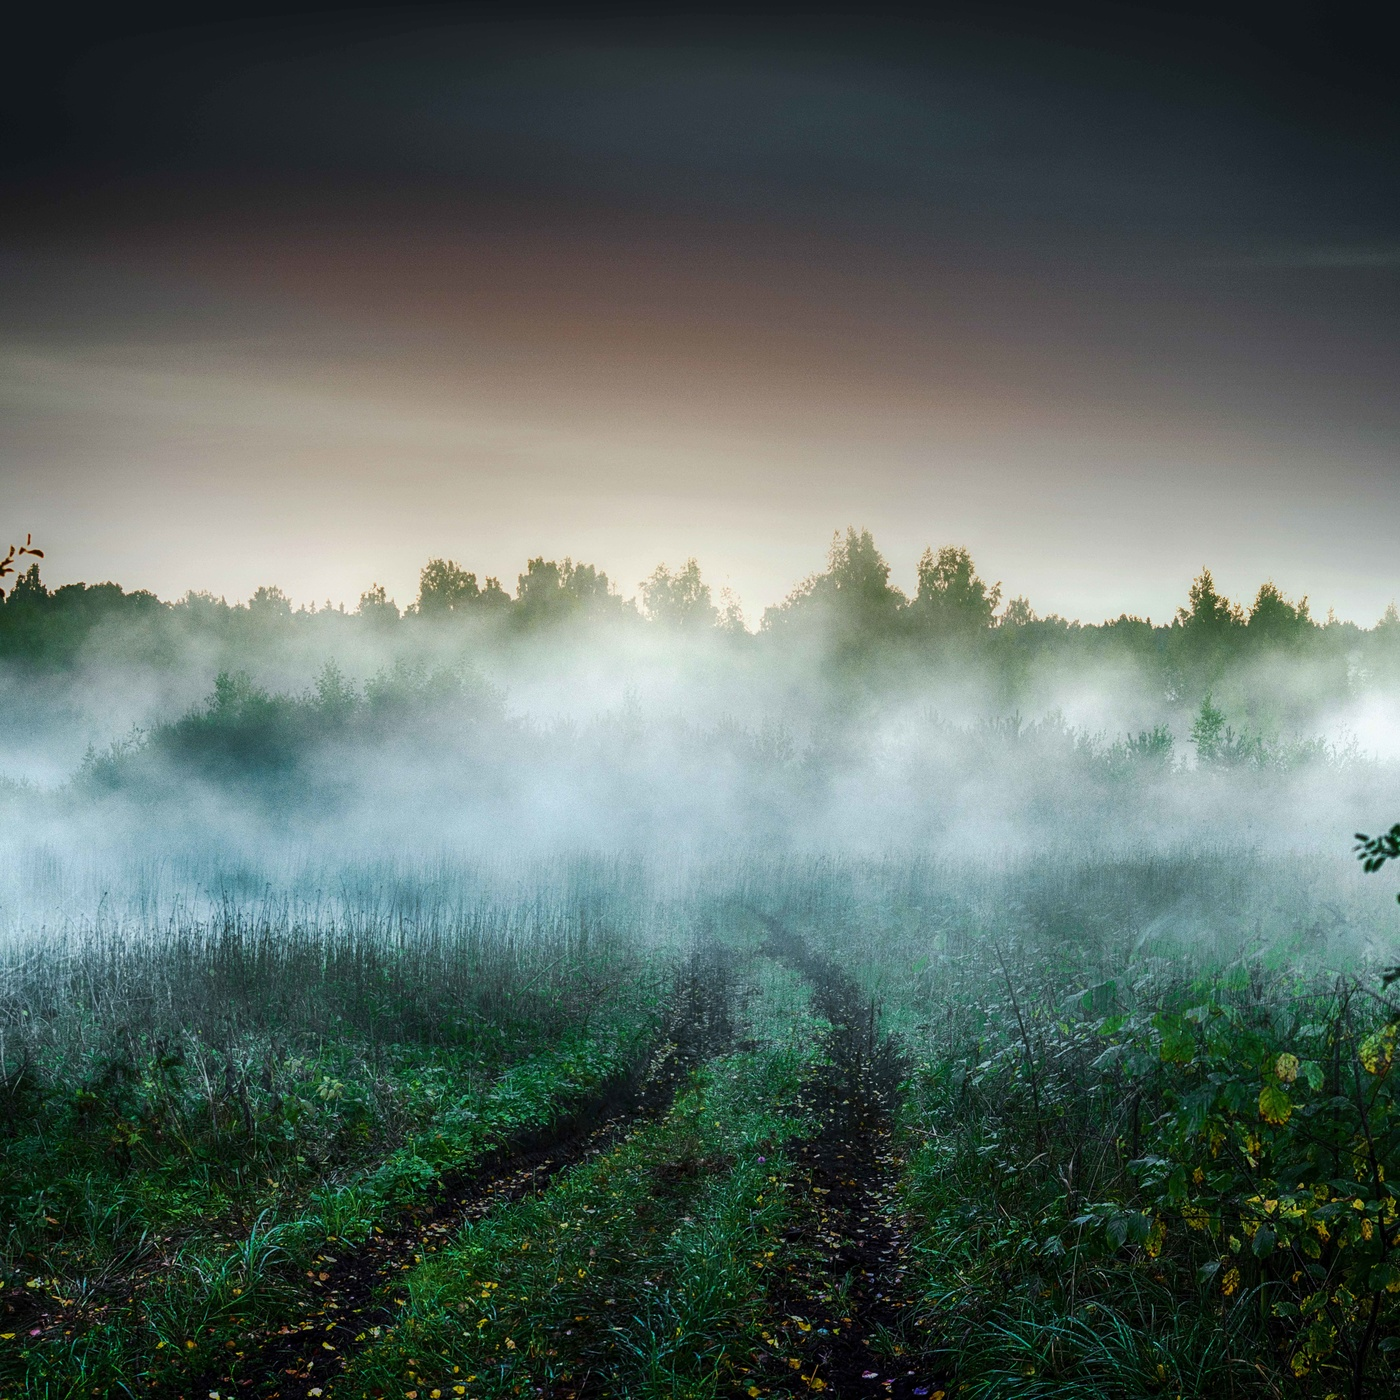 понадобится картинки иллюстрации туман которых